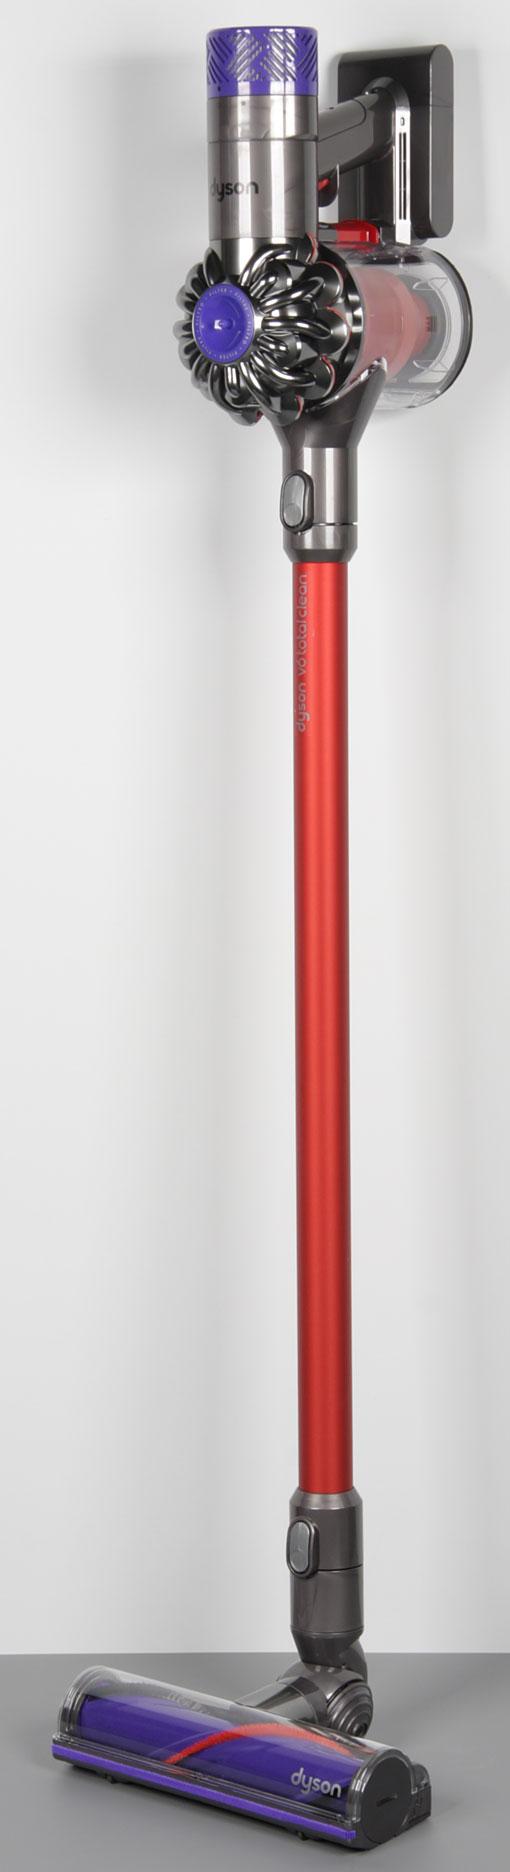 Пылесос dyson v6 total clean видео турбосушка для рук дайсон